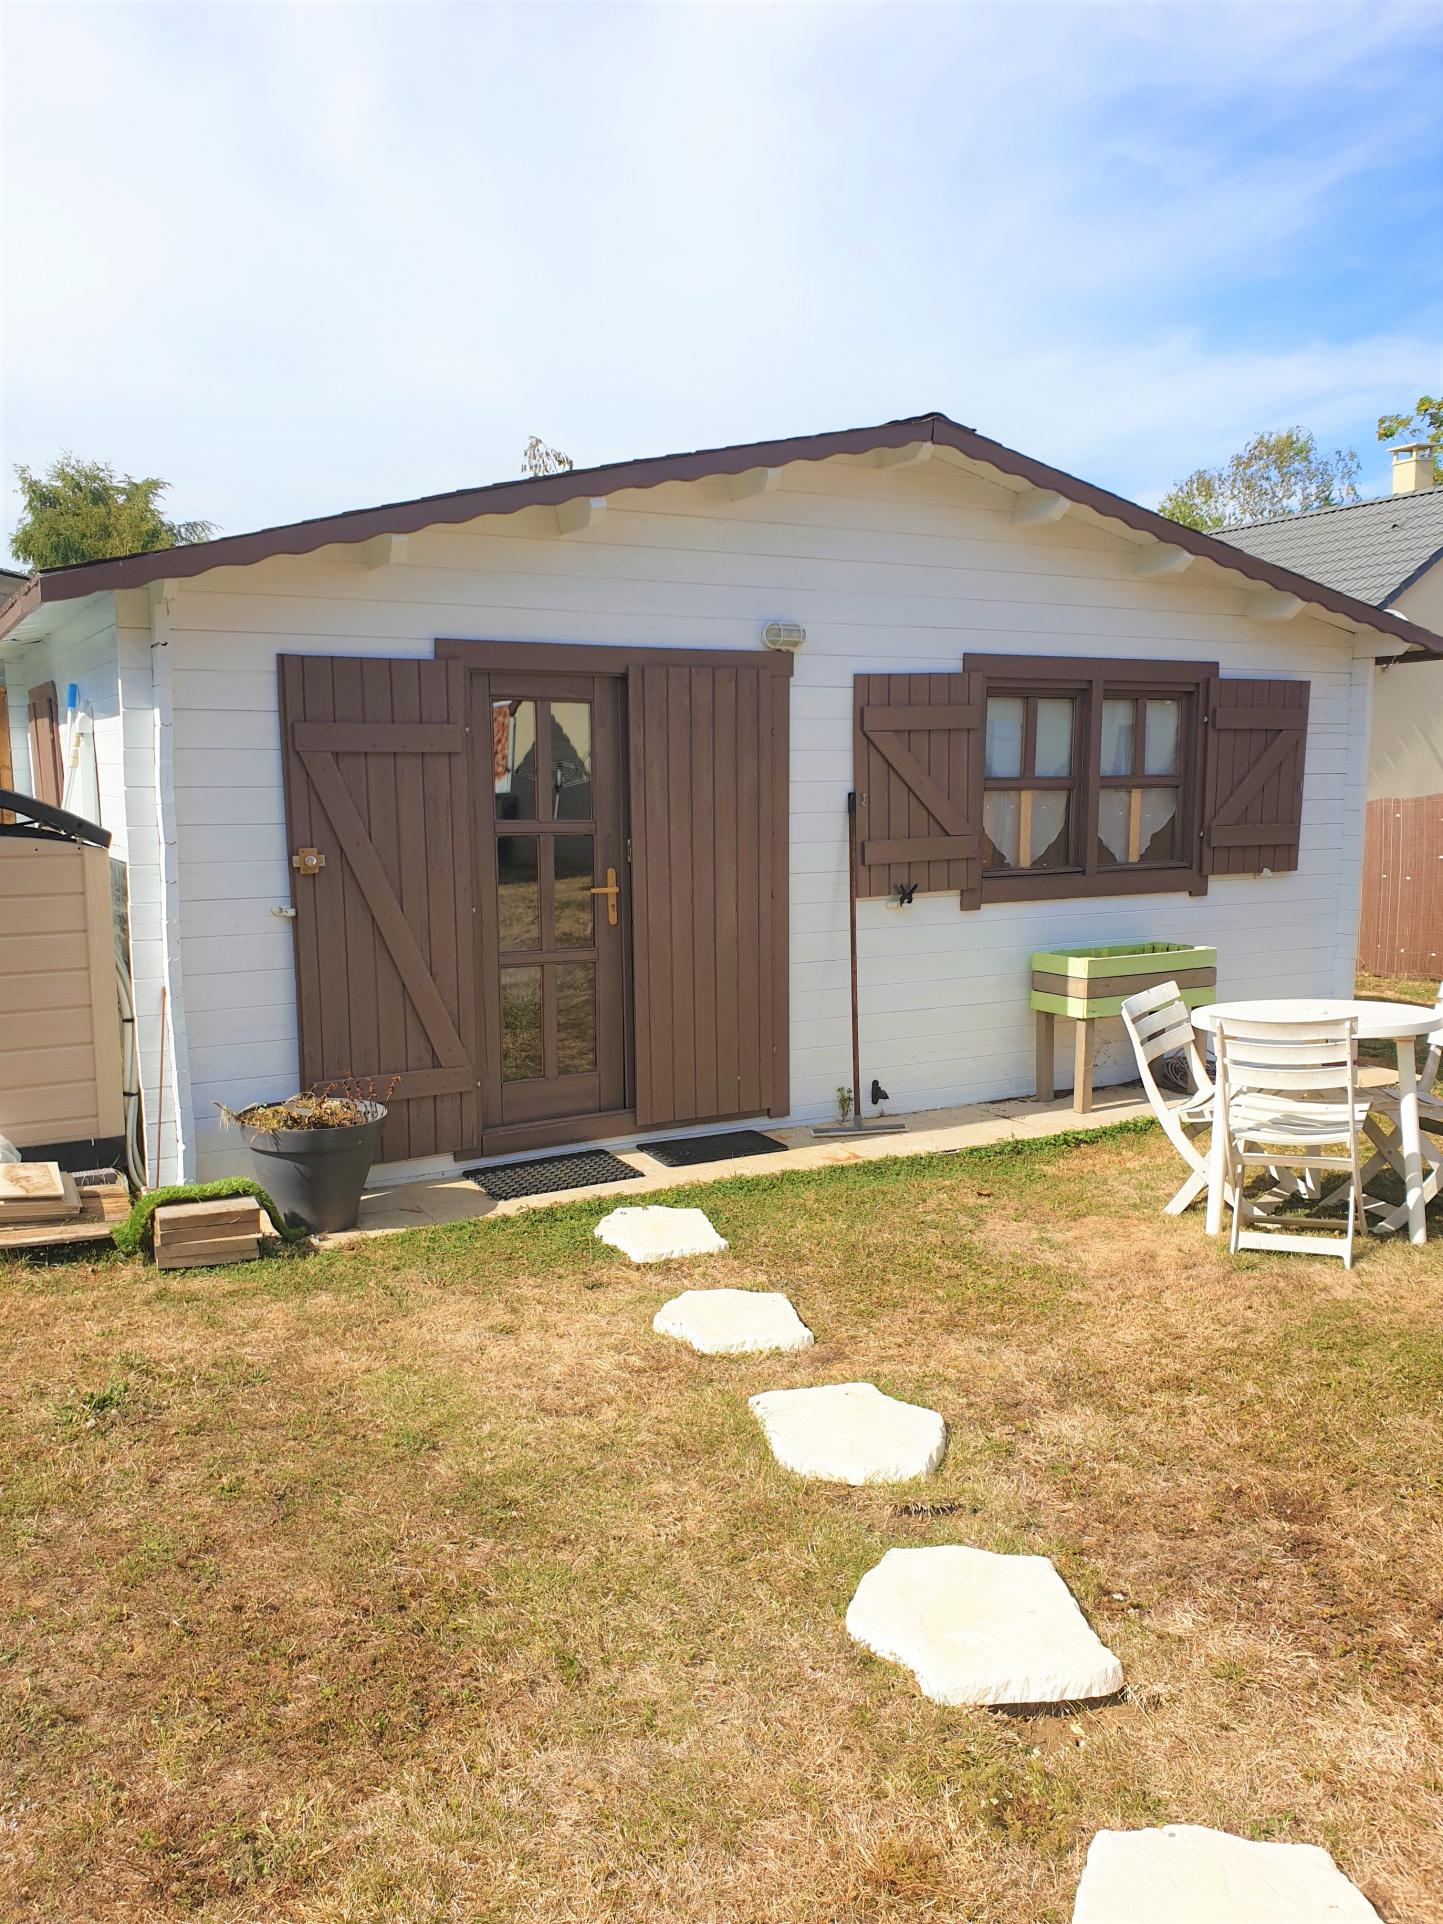 Container Aménagé Studio Prix vente maison avec jardin, piscine et dÉpendance amÉnagÉe en